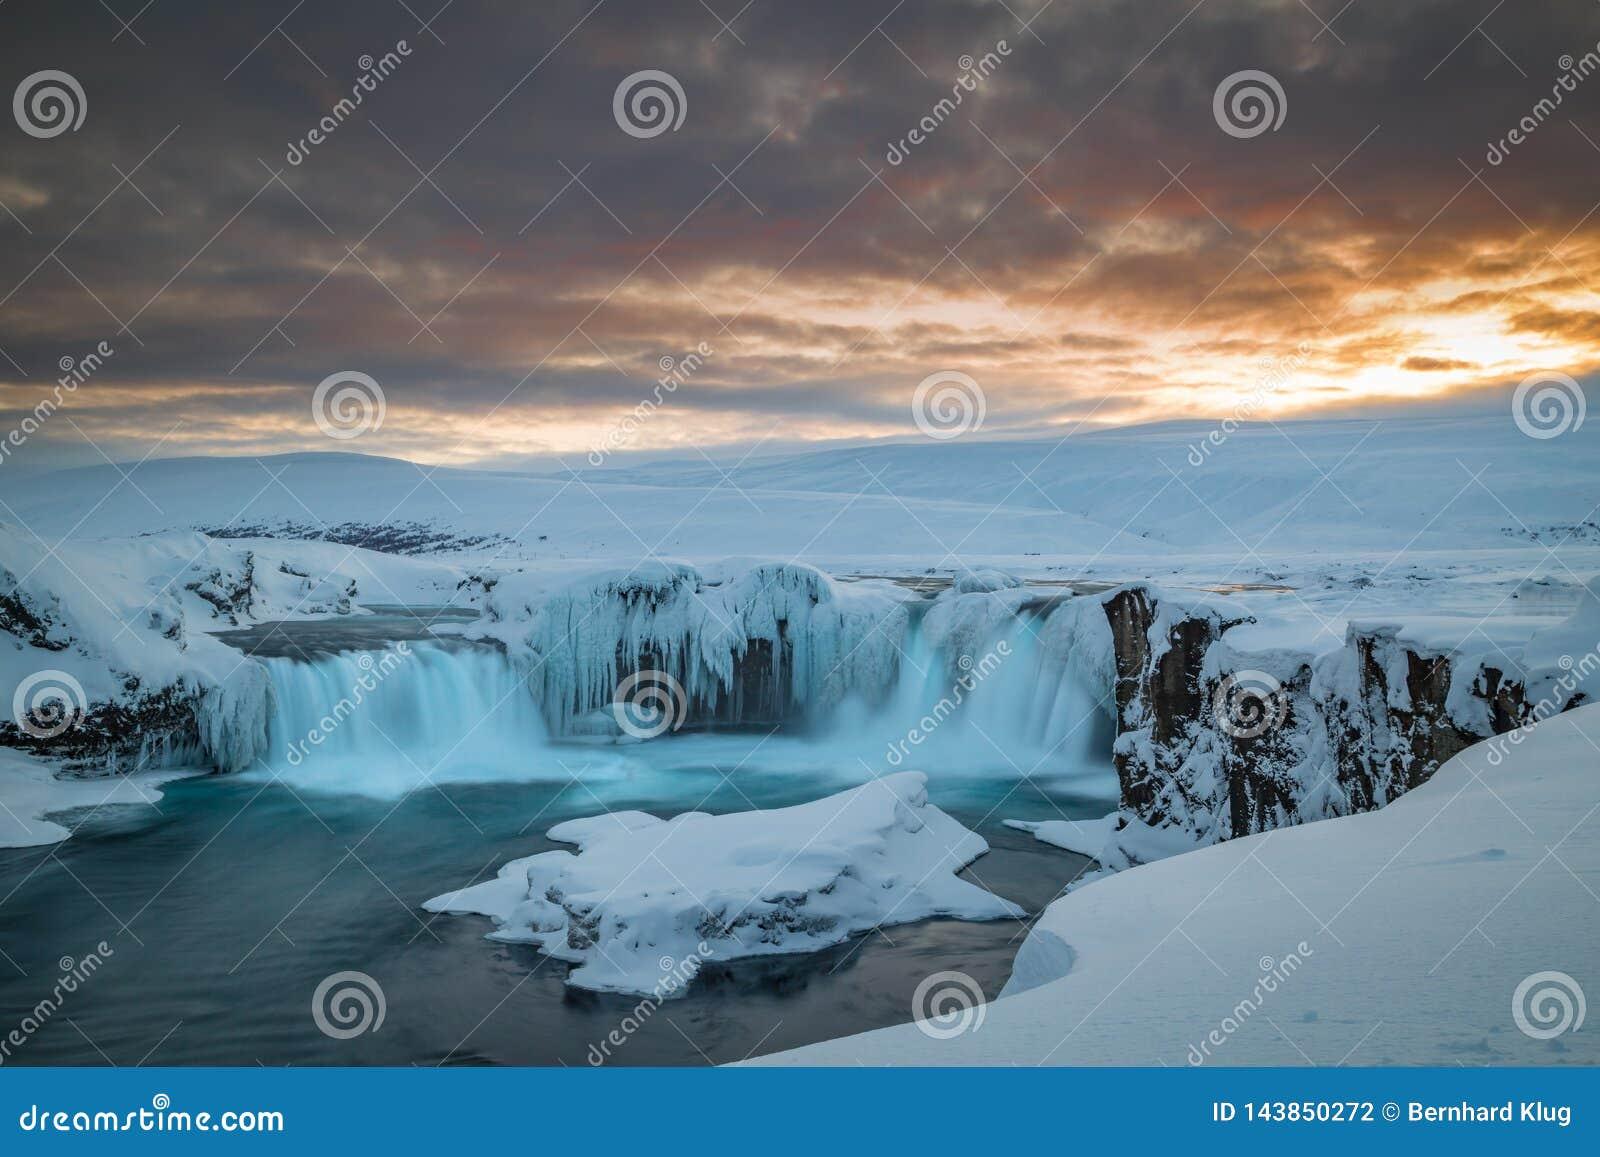 Μακροχρόνια έκθεση Godafoss στο σούρουπο μια κρύα islandic χειμερινή ημέρα